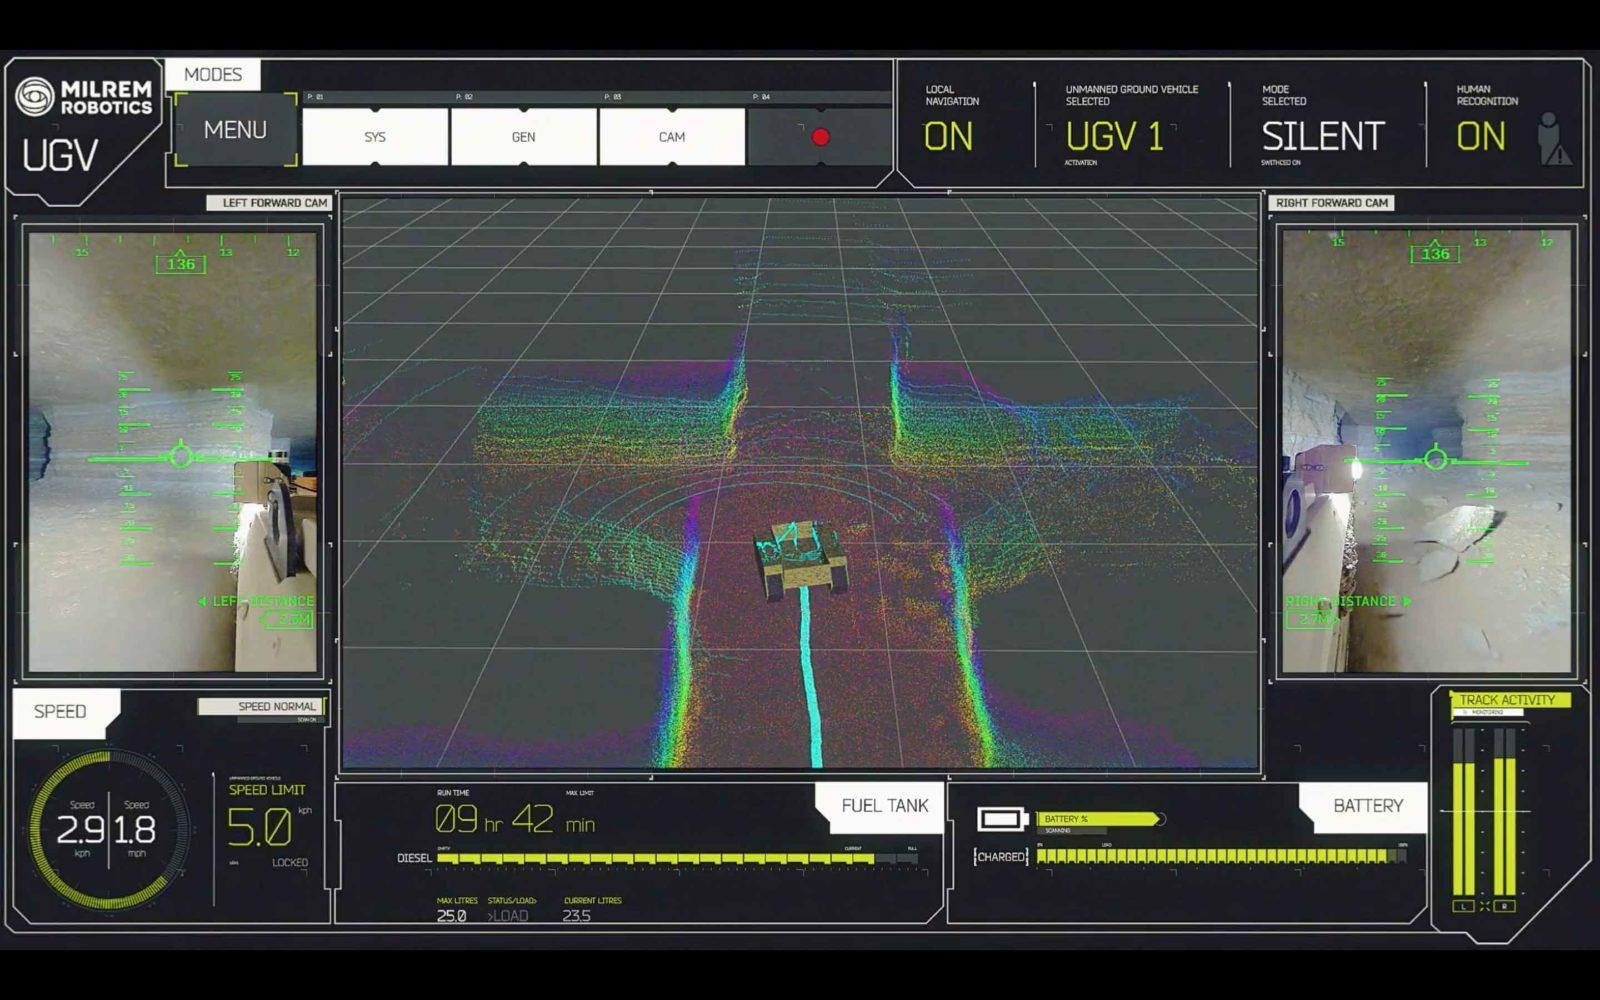 Lettura sensori 3D LiDAR del robot Multiscope